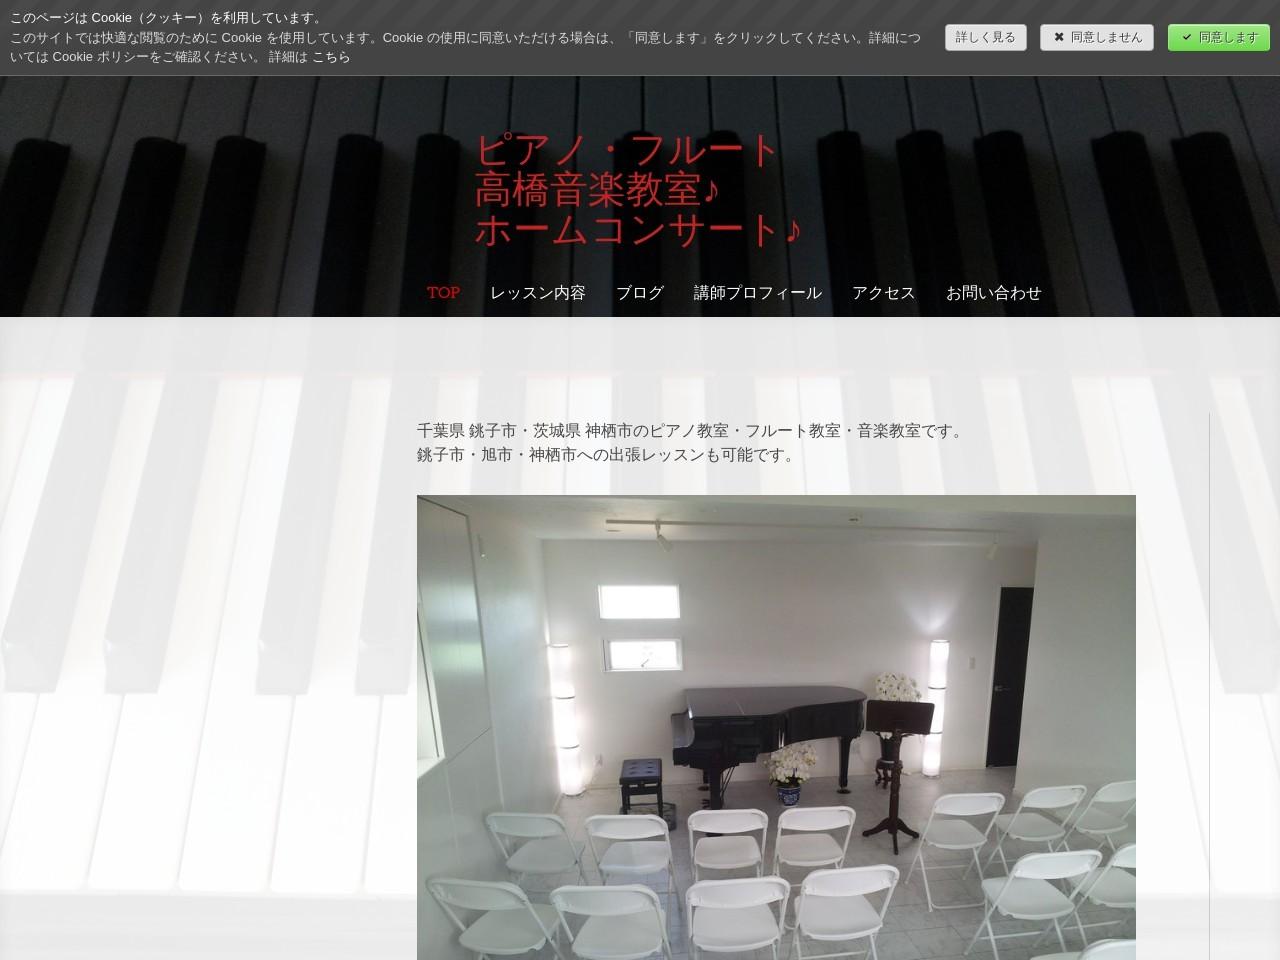 ピアノ・フルート 高橋音楽教室のサムネイル